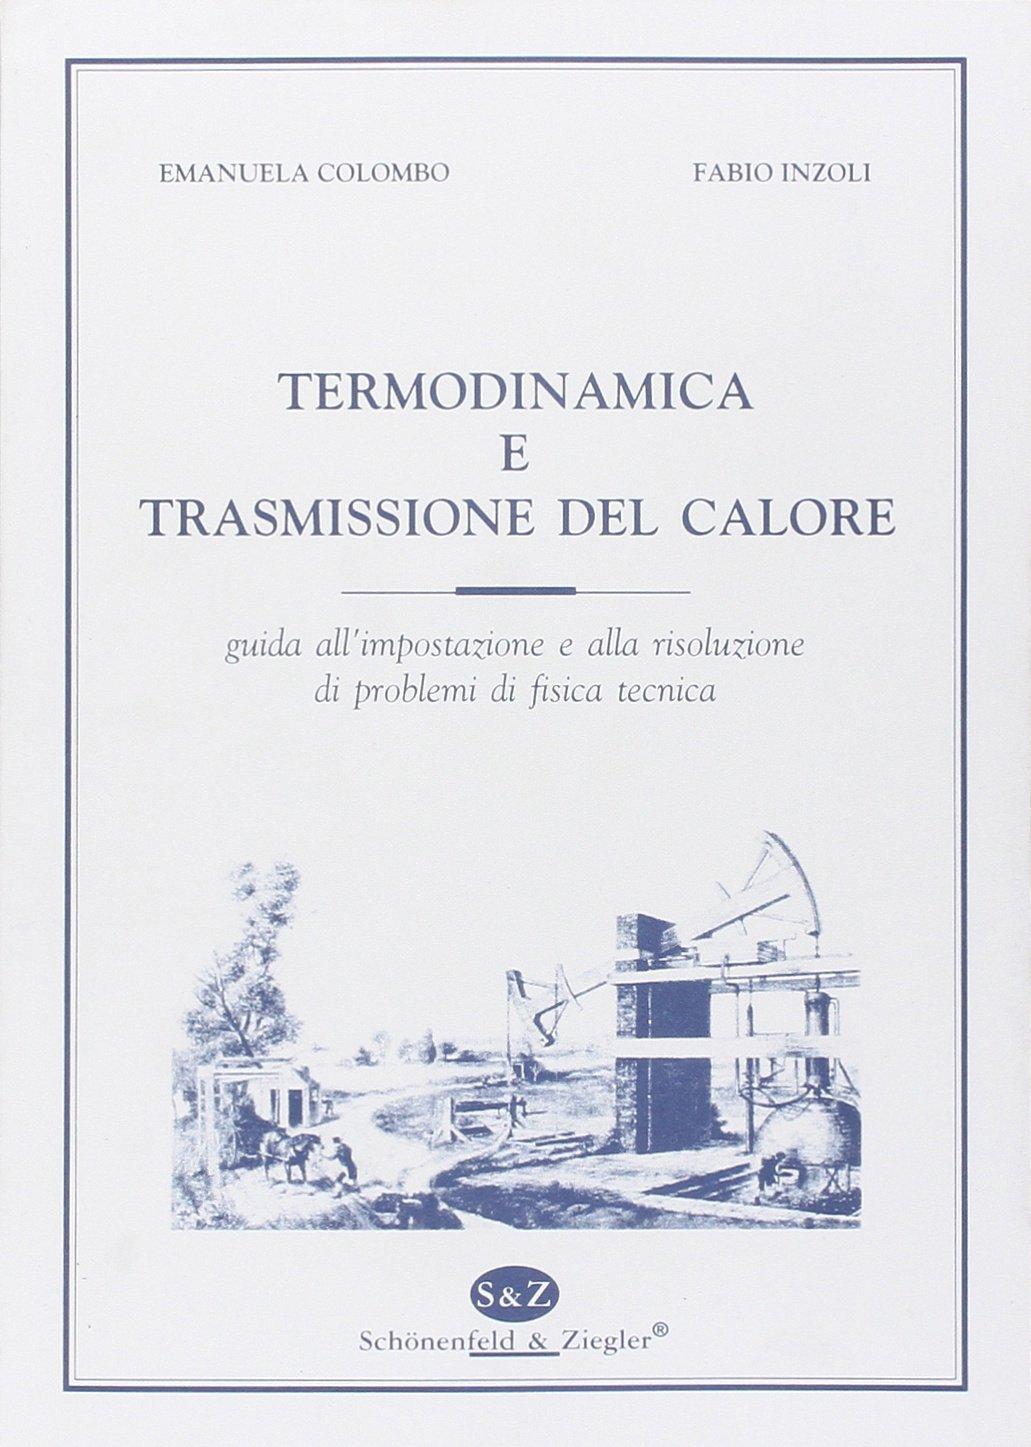 Amazon.it: Termodinamica e trasmissione del calore. Guida all'impostazione e  alla risoluzione di problemi di fisica tecnica - Emanuela Colombo, Fabio  Inzoli ...